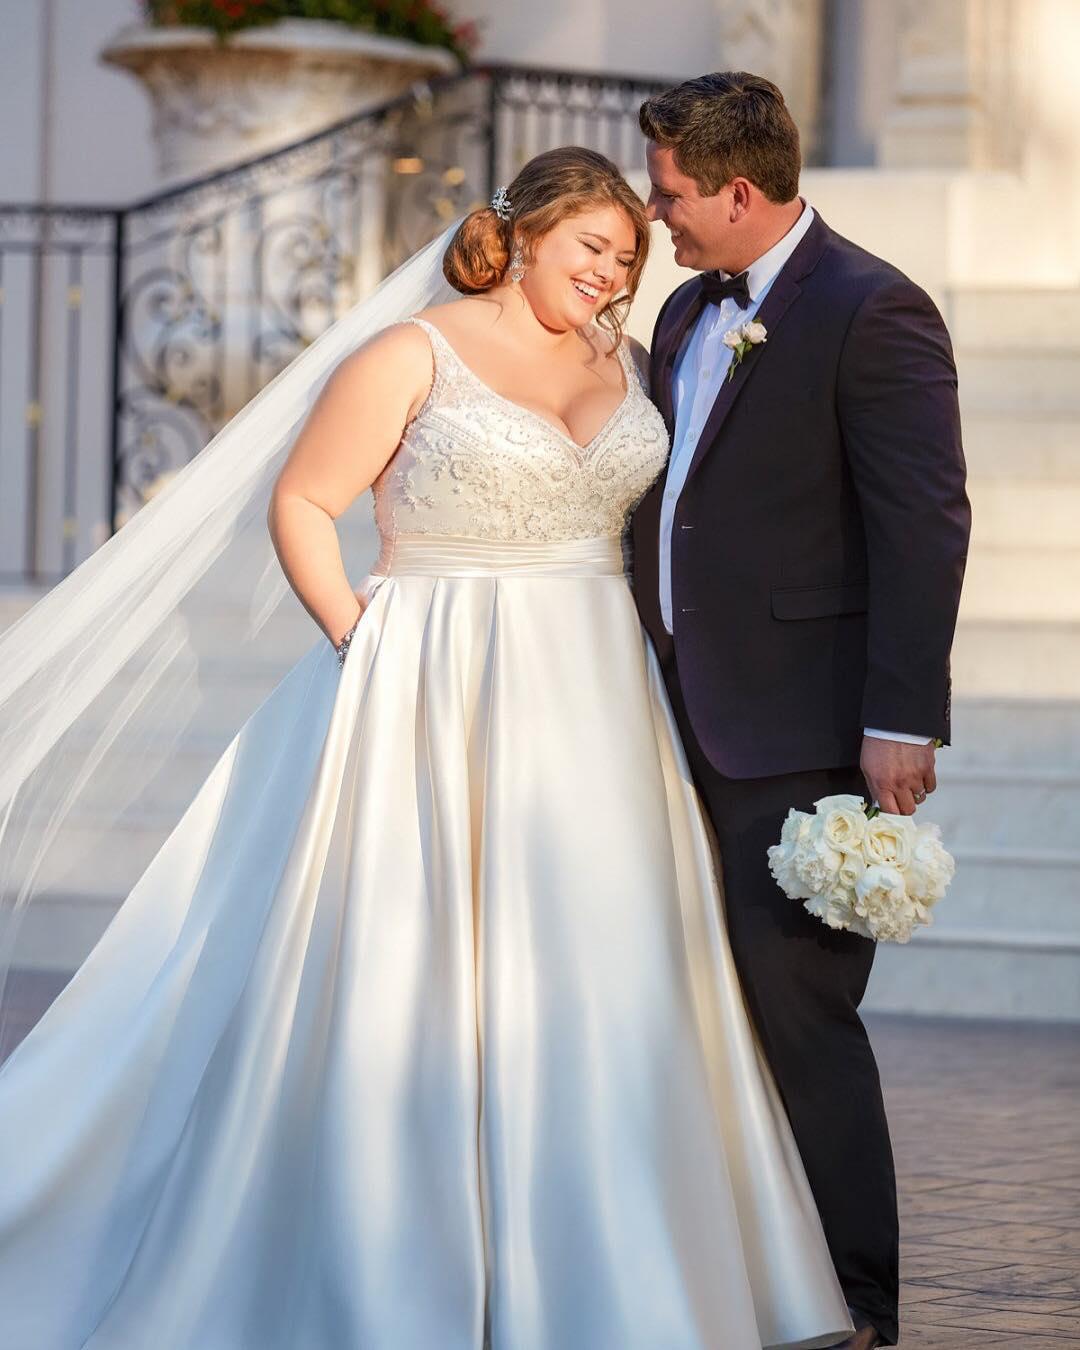 c3765388ea5d Vestido de noiva plus size: 65 fotos para você escolher o modelo ...